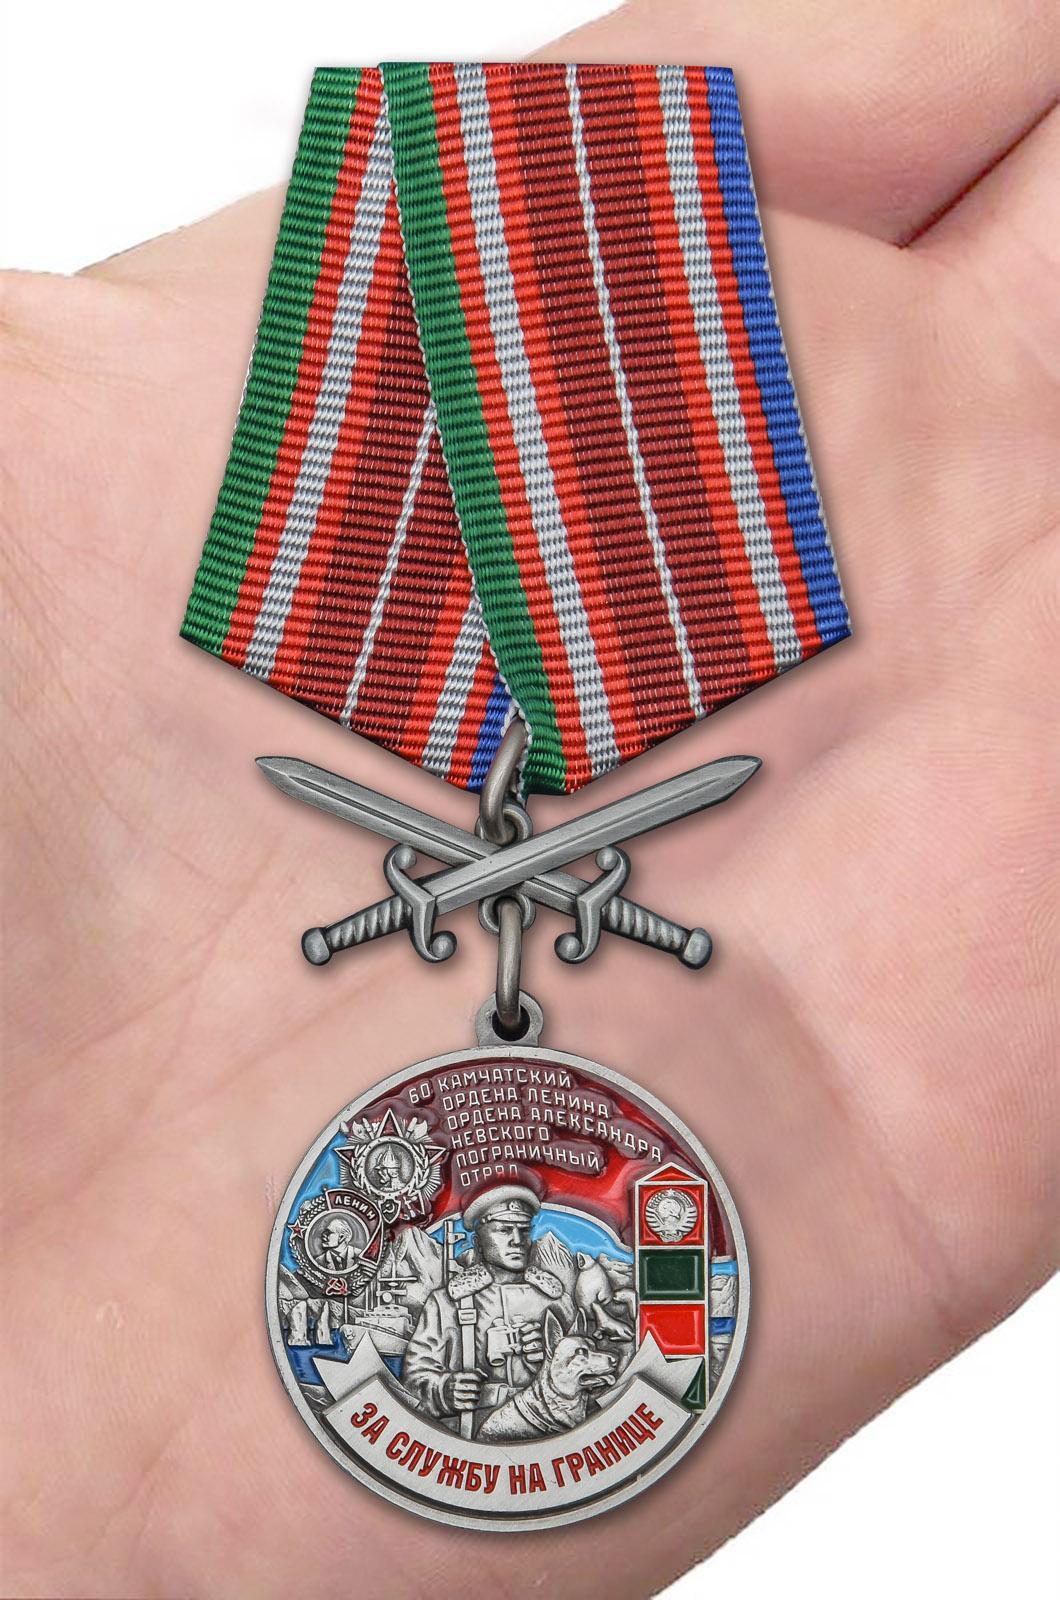 Памятная медаль За службу в Камчатском пограничном отряде - вид на ладони